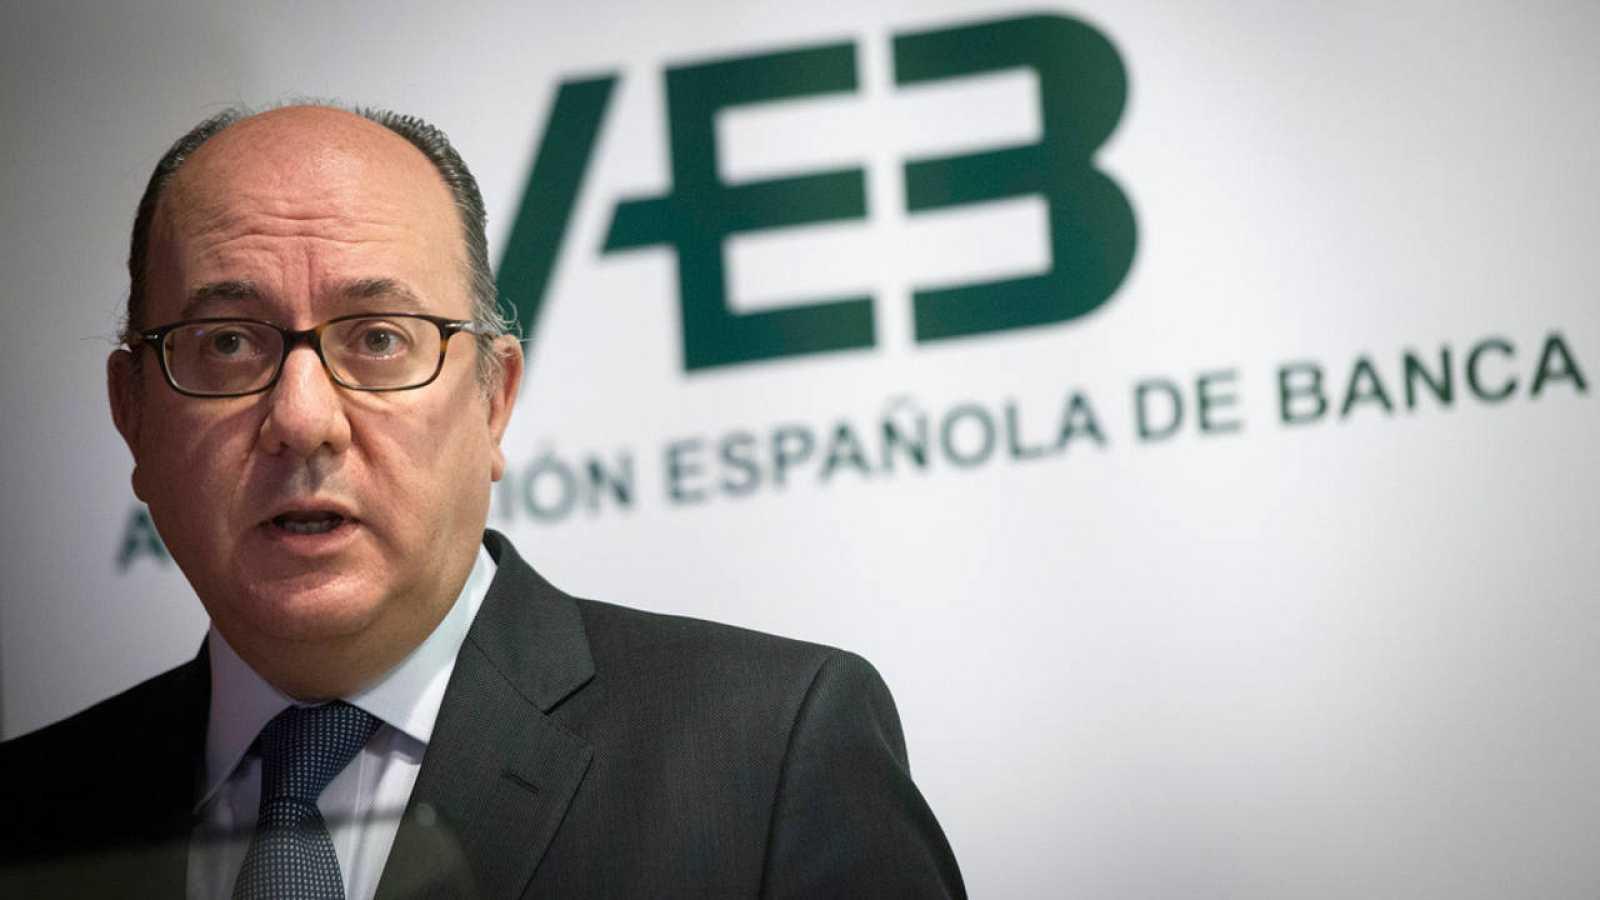 El presidente de la AEB, José María Roldán, durante la presentación de los resultados del sector en 2015